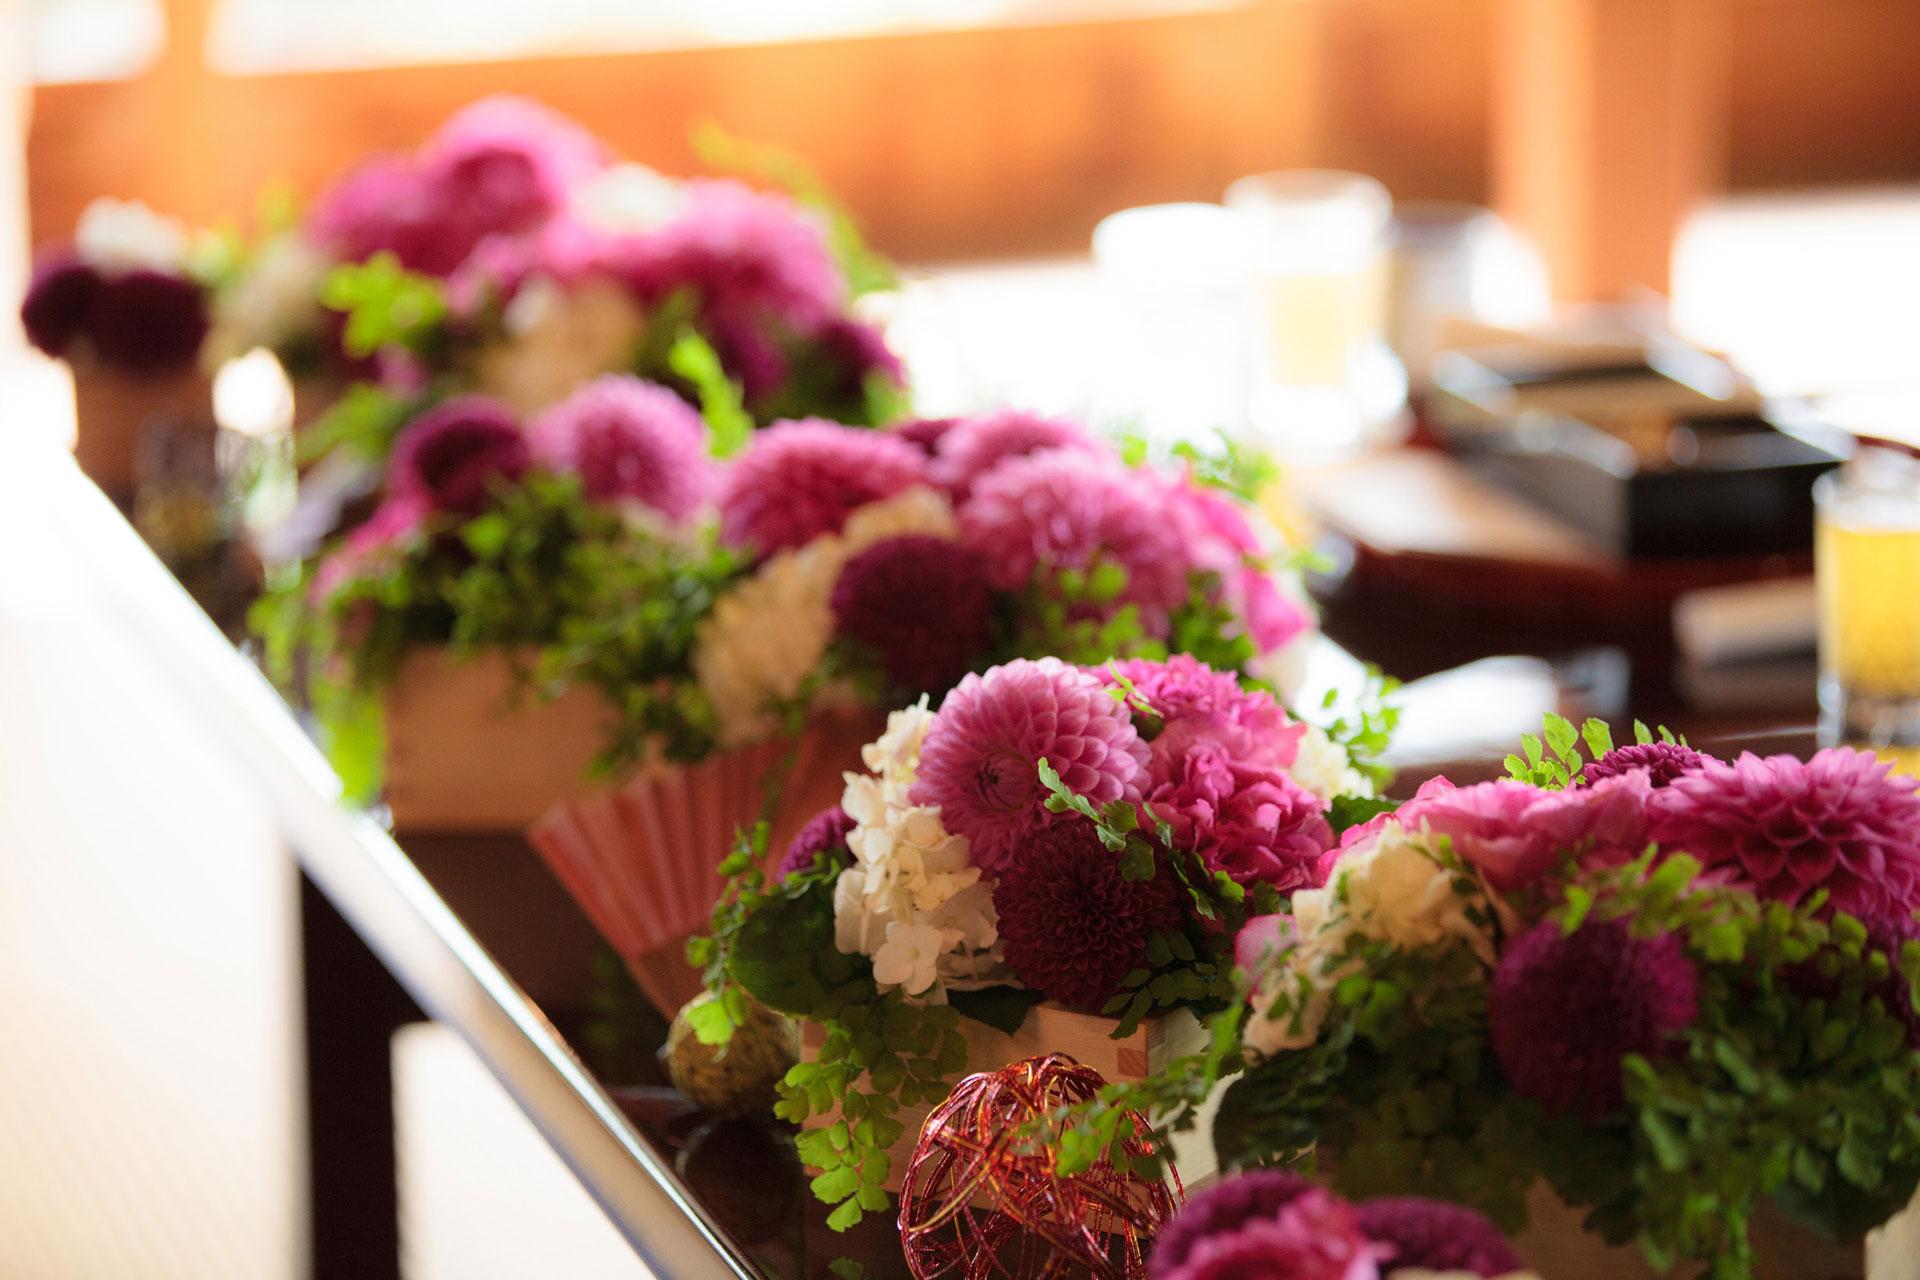 紫色と白色を基調とした披露宴の装花